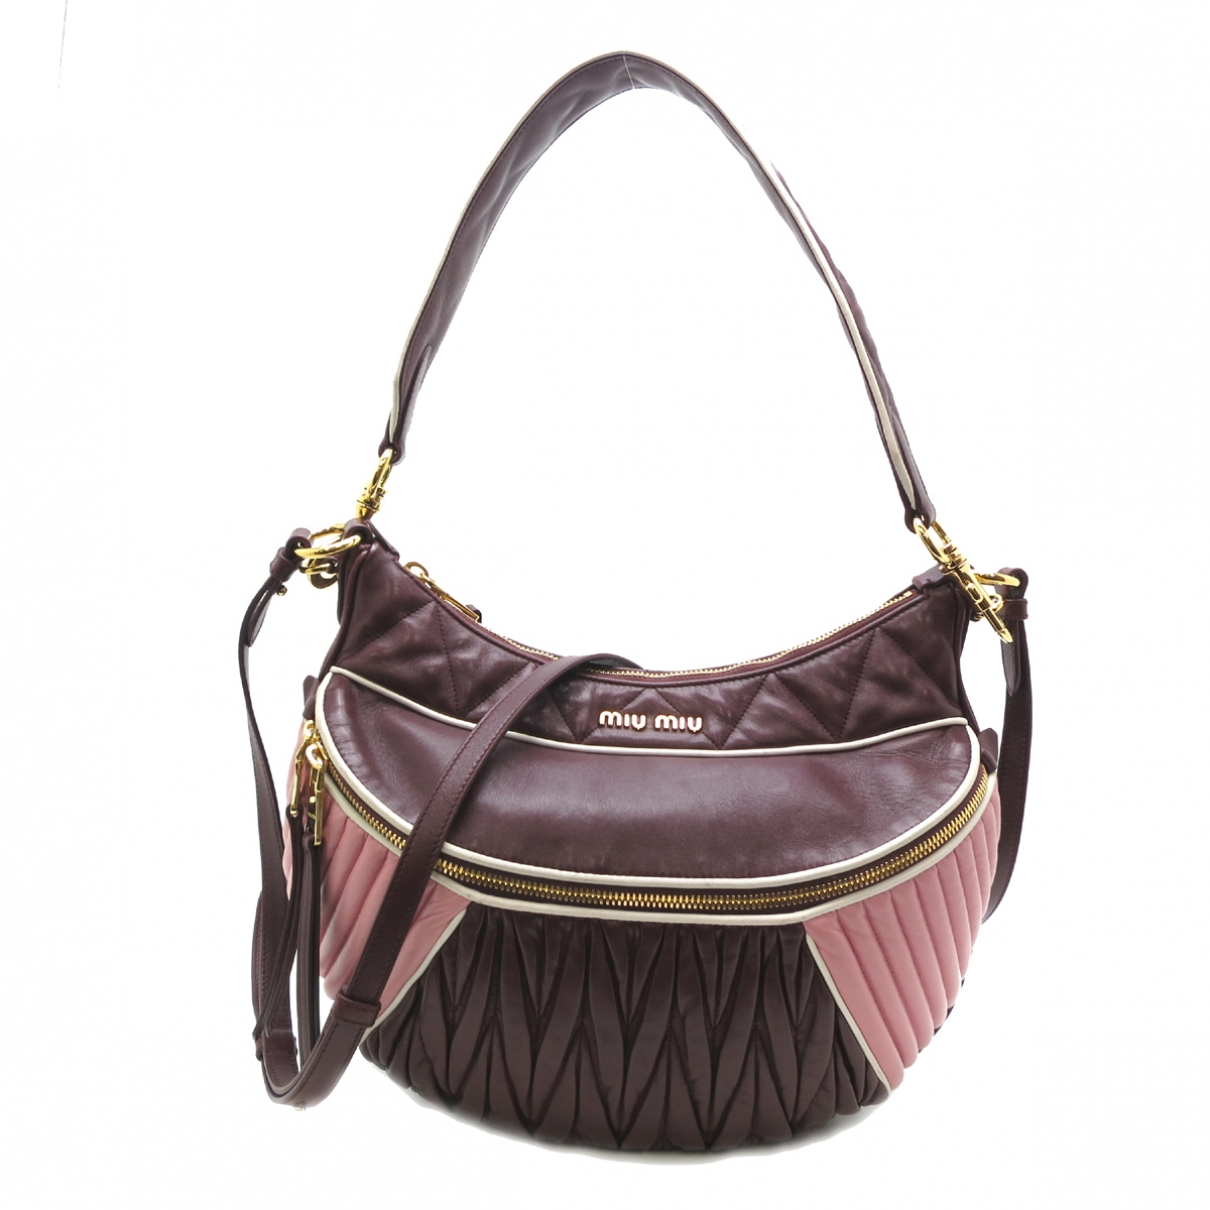 Miu Miu \N Handtasche in  Bordeauxrot Leder